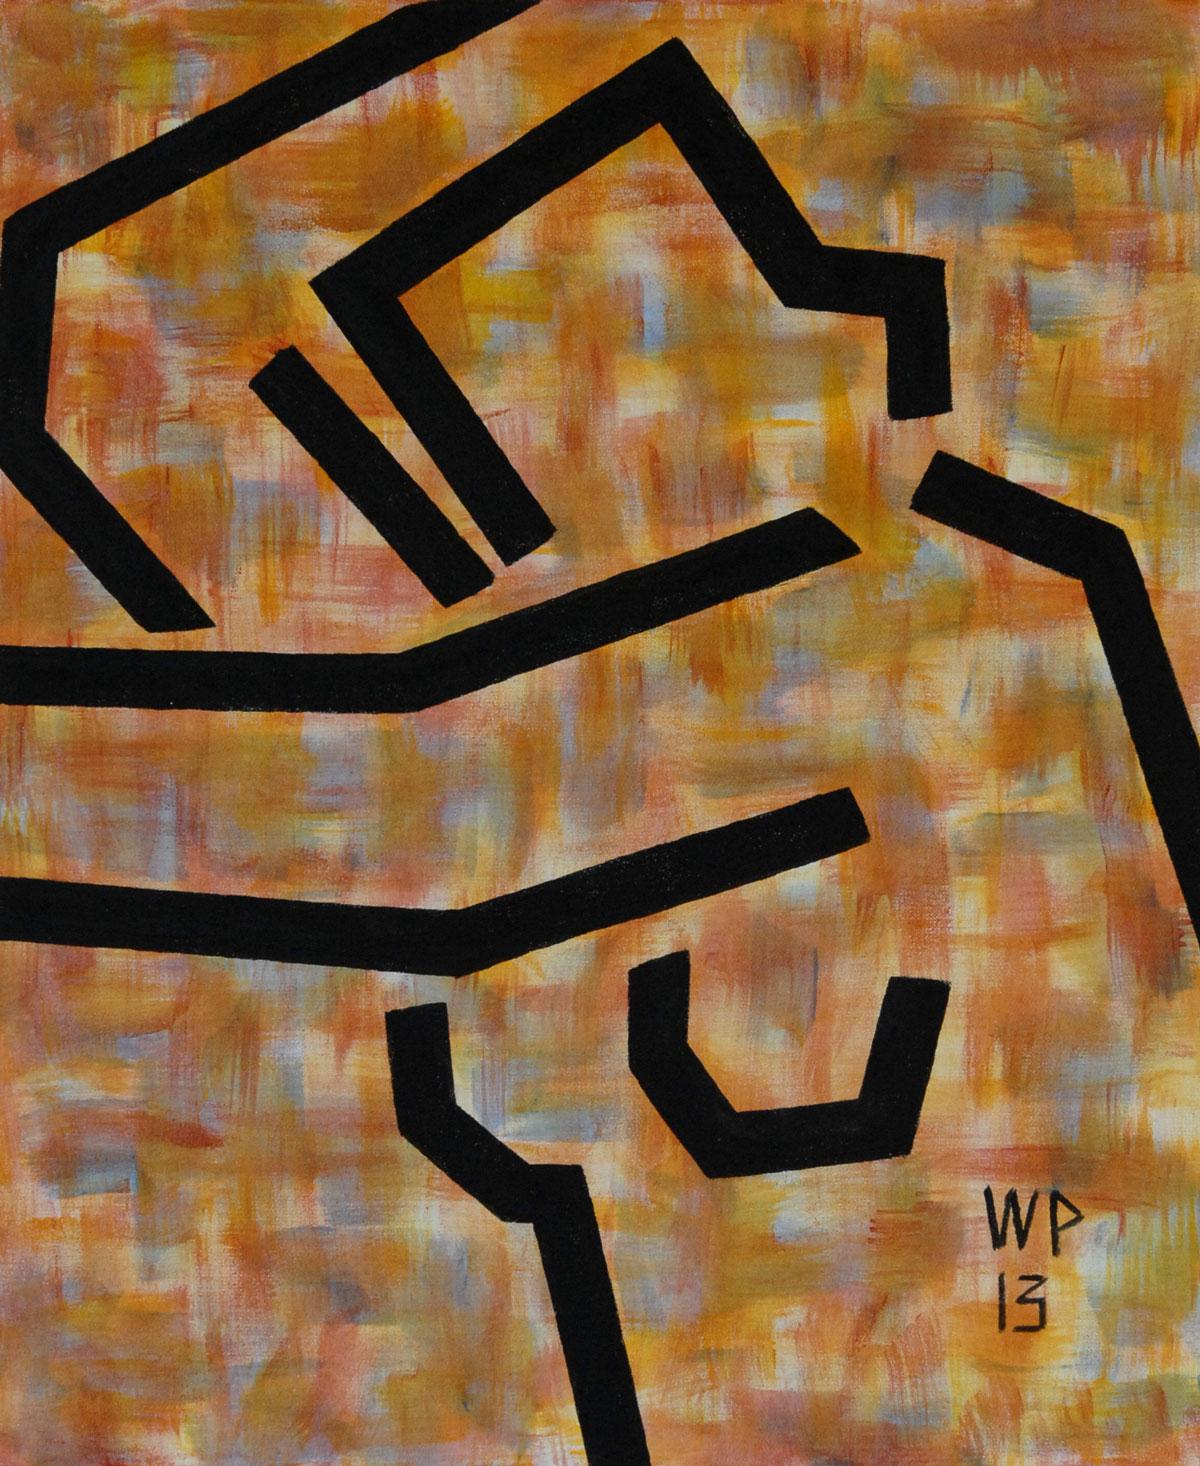 Walter Prinz: ohne Titel, 50/60 cm, Acryl auf Leinwand, 2013